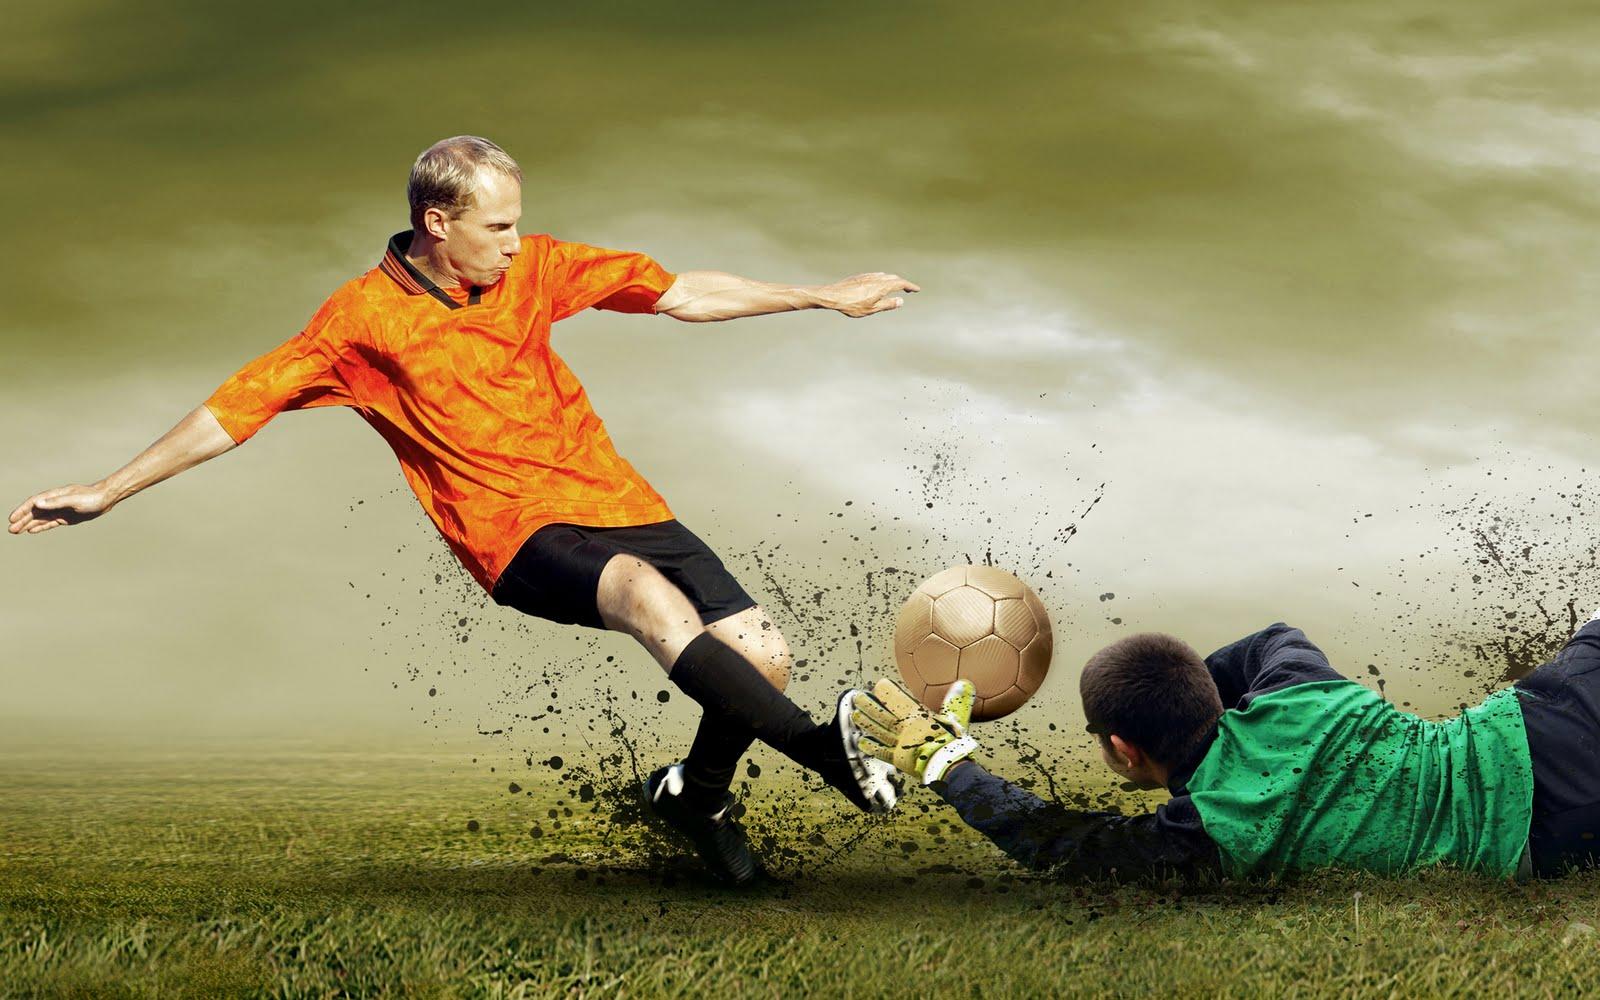 http://4.bp.blogspot.com/_NOdEQKztDvs/TPOGeyjfJwI/AAAAAAAAF5c/FmOyb9un1Sg/s1600/football%2Bblogambar.blogspot.com%2B%252817%2529.jpg